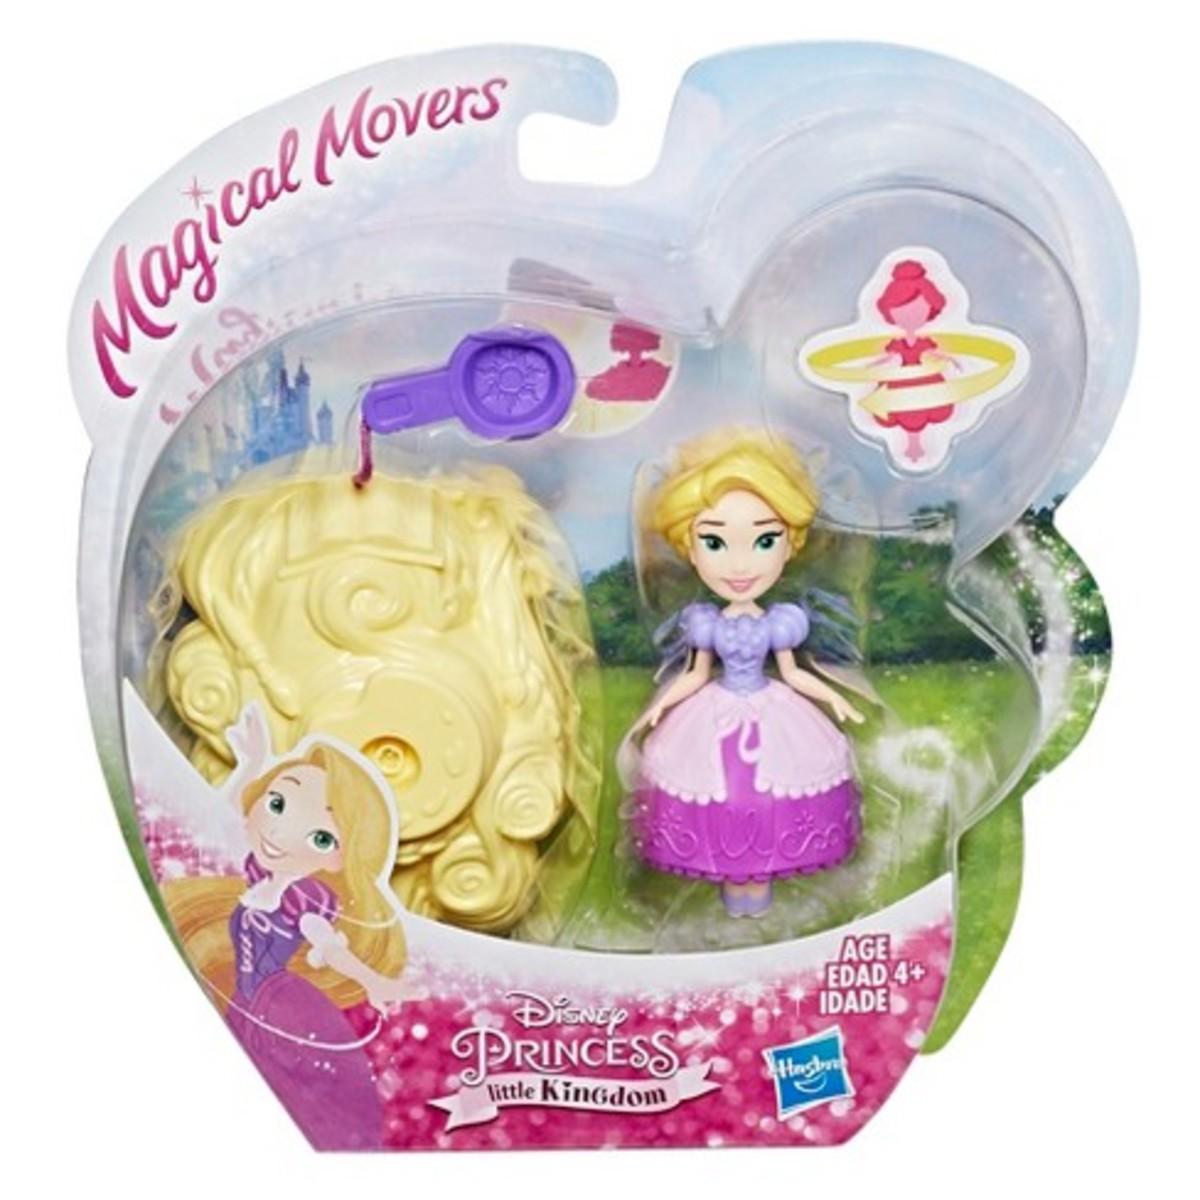 Disney Princess Magical Movers Rapunzel